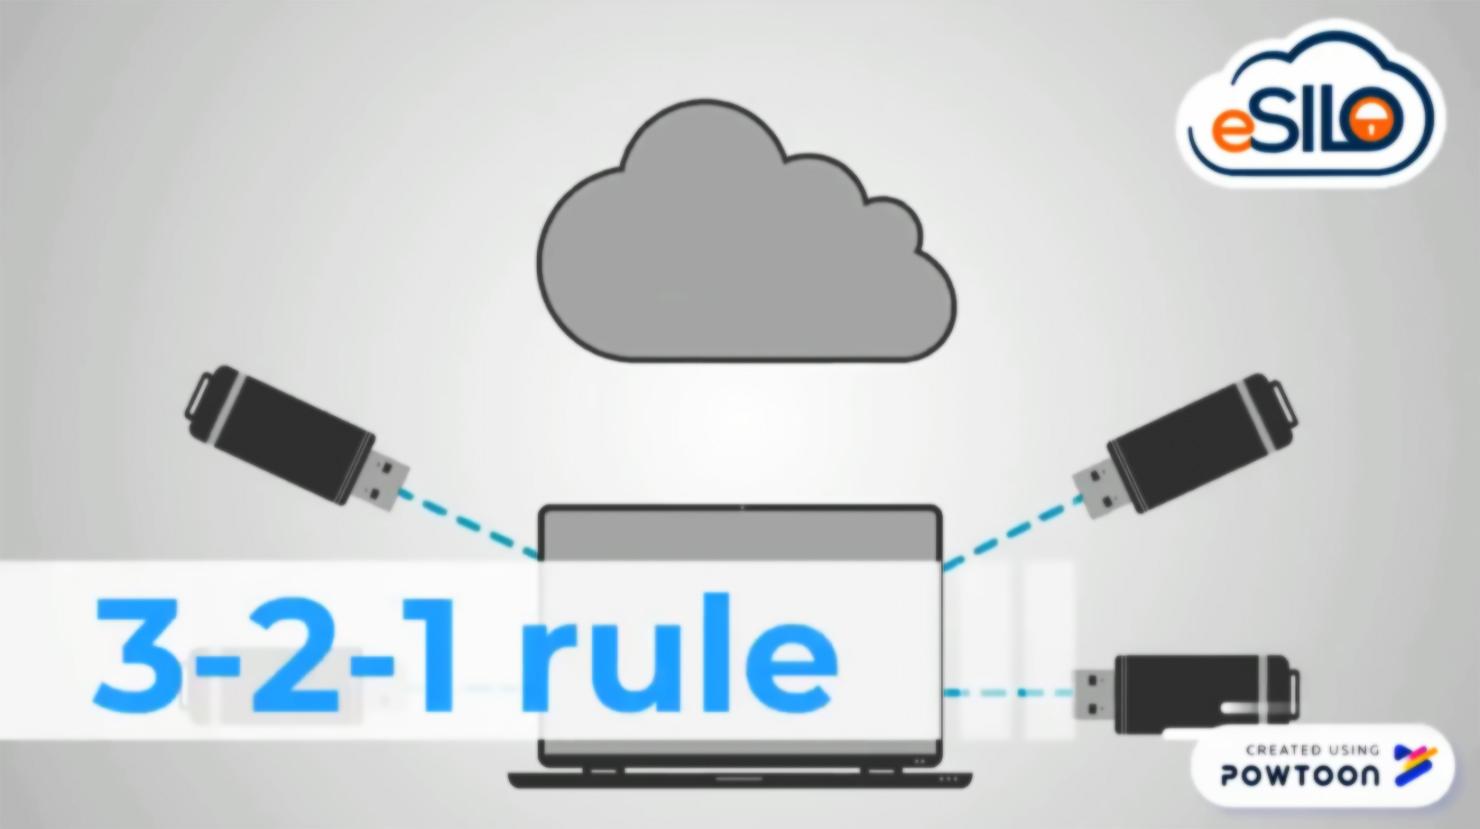 3-2-1 Backup Rule